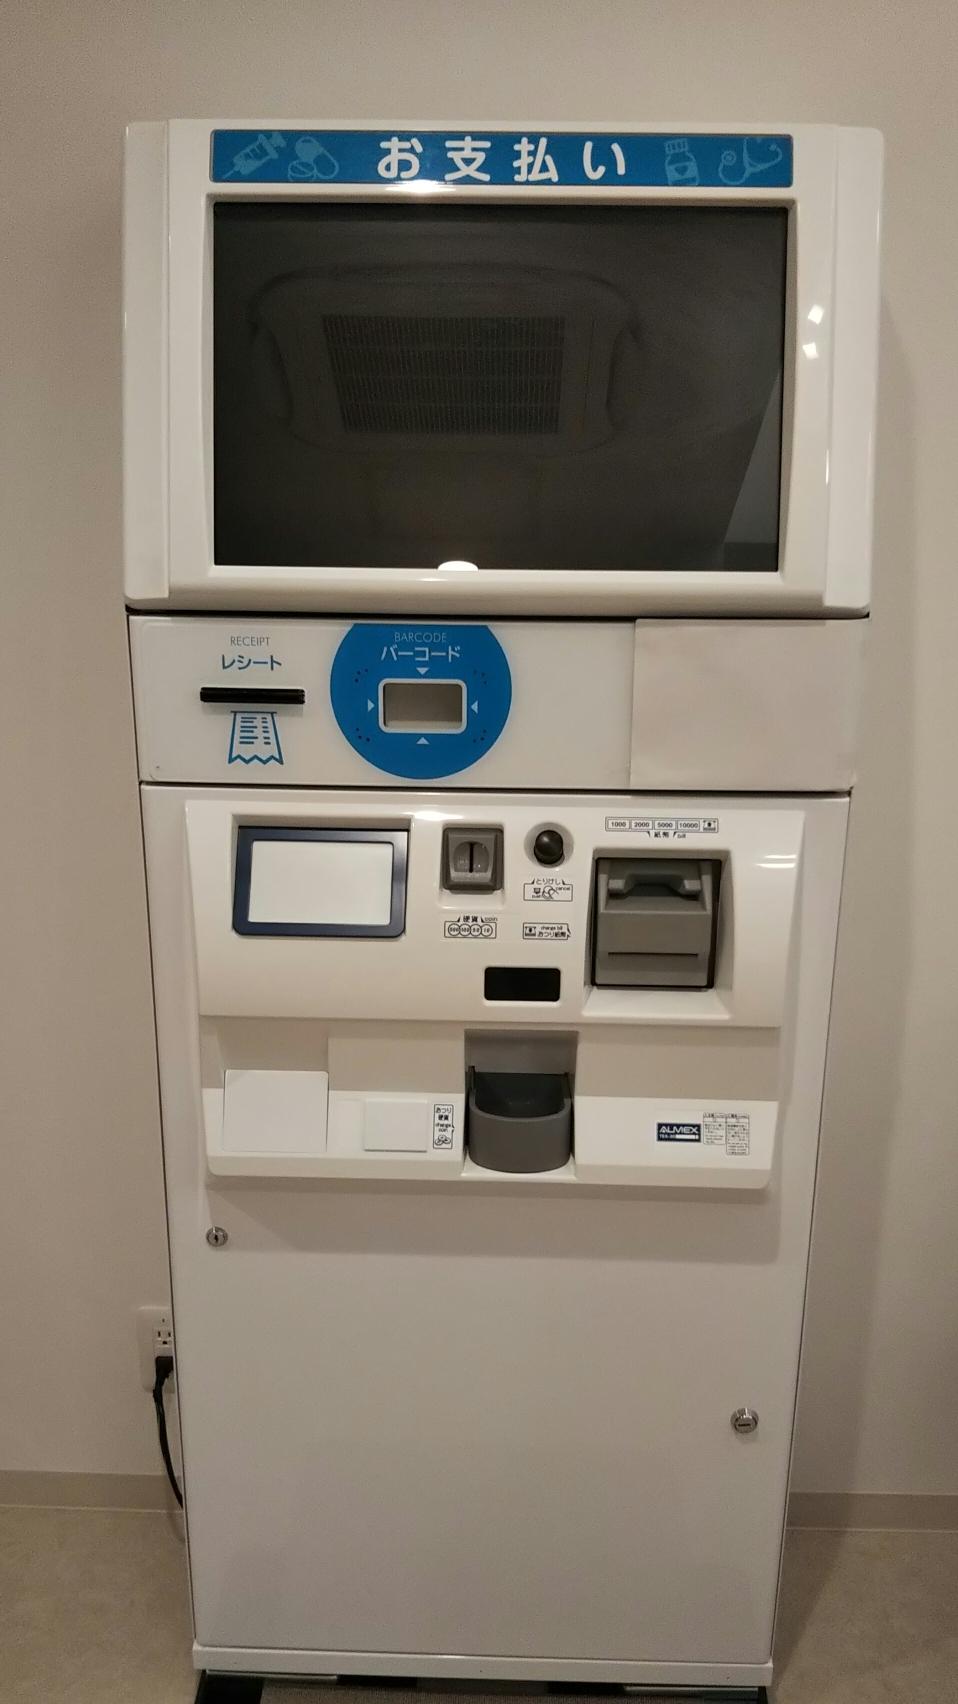 自動精算機です。円滑な会計を行います。